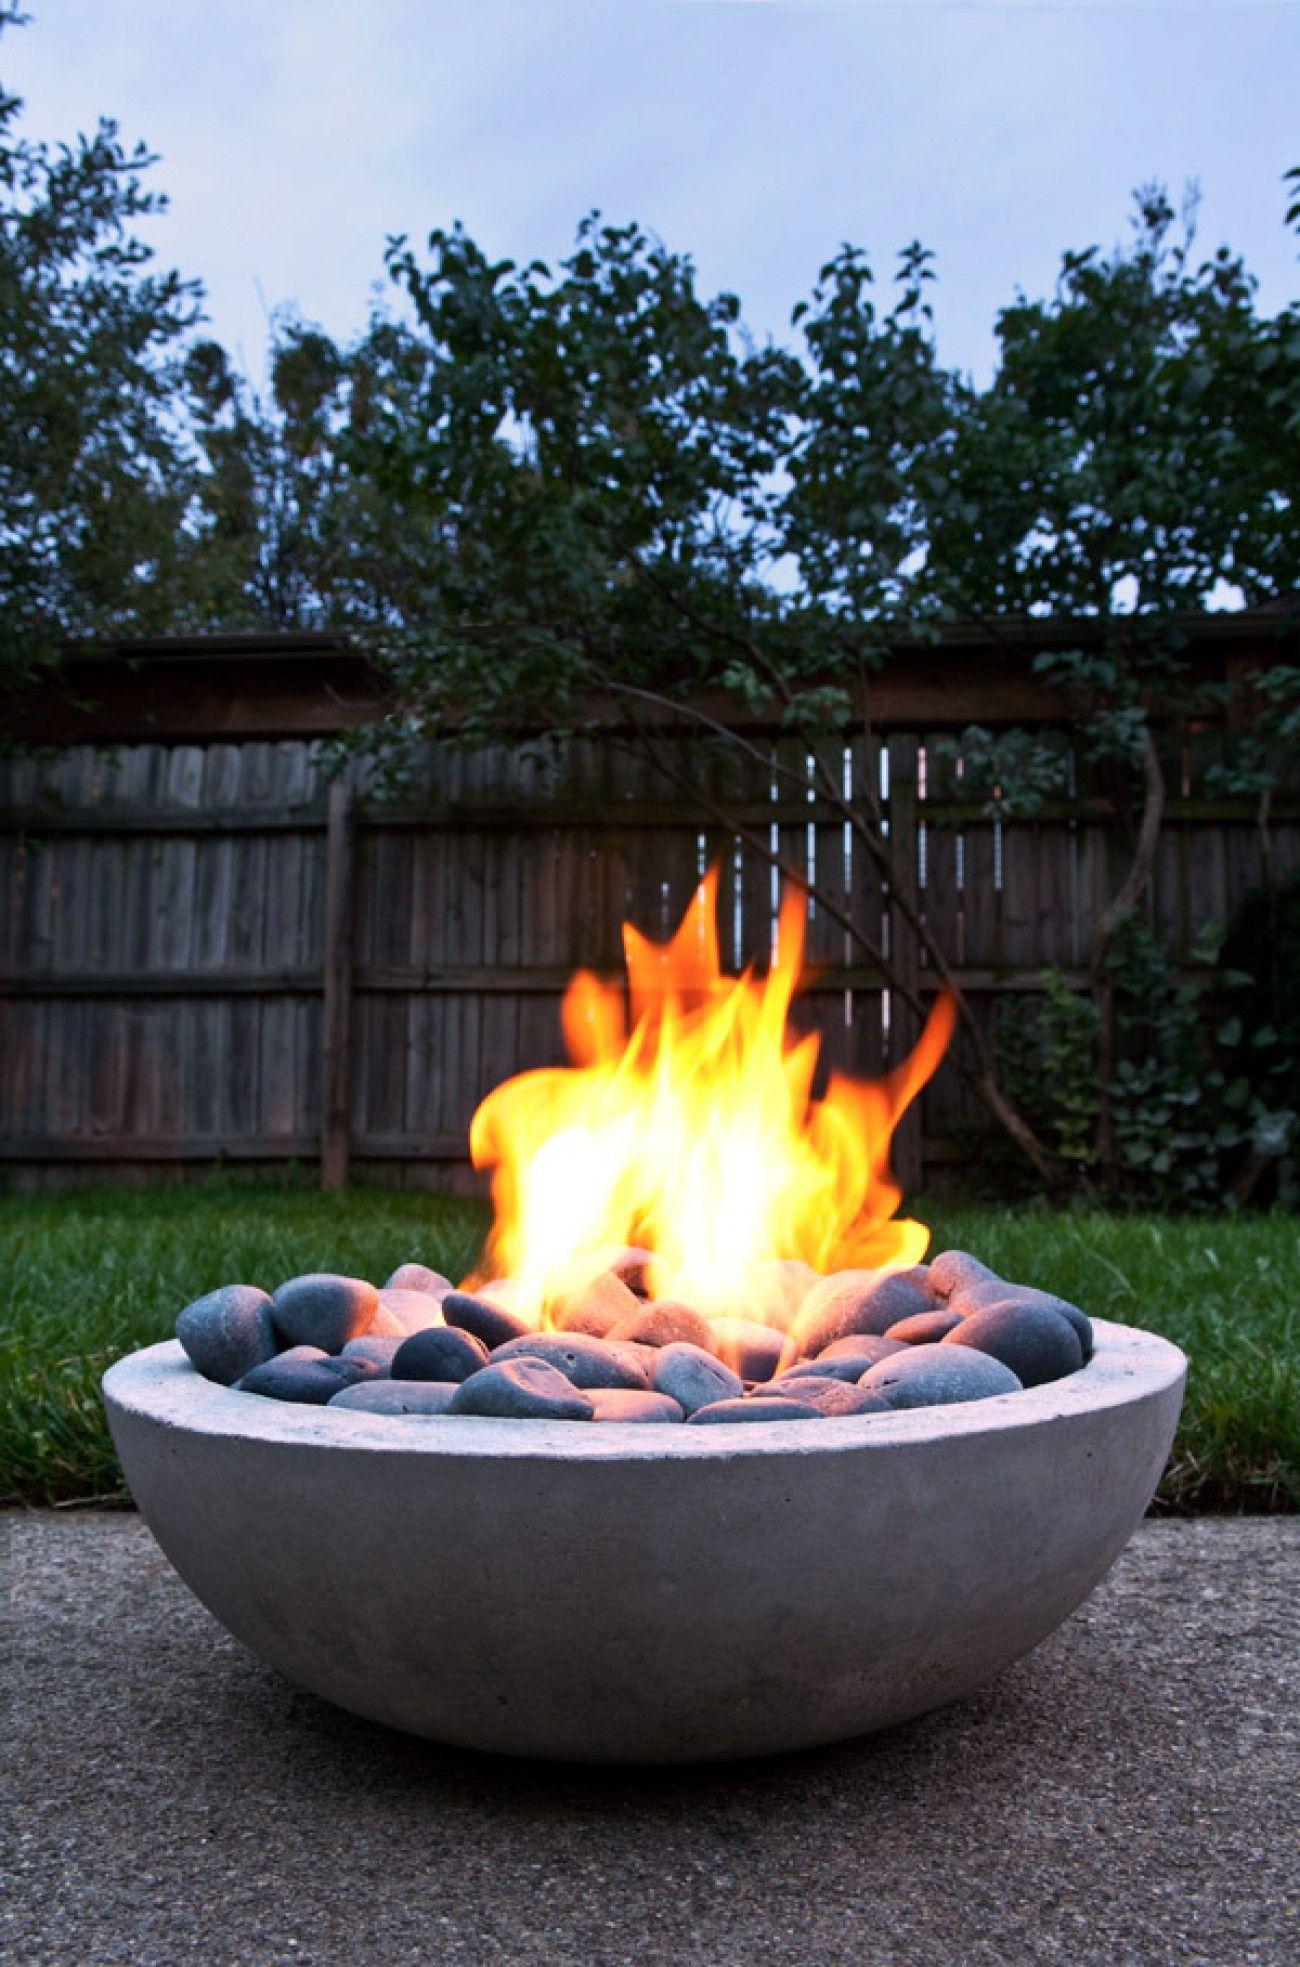 Klasse Idee für eine selbstgemachte Feuerschale aus Beton   diy ...